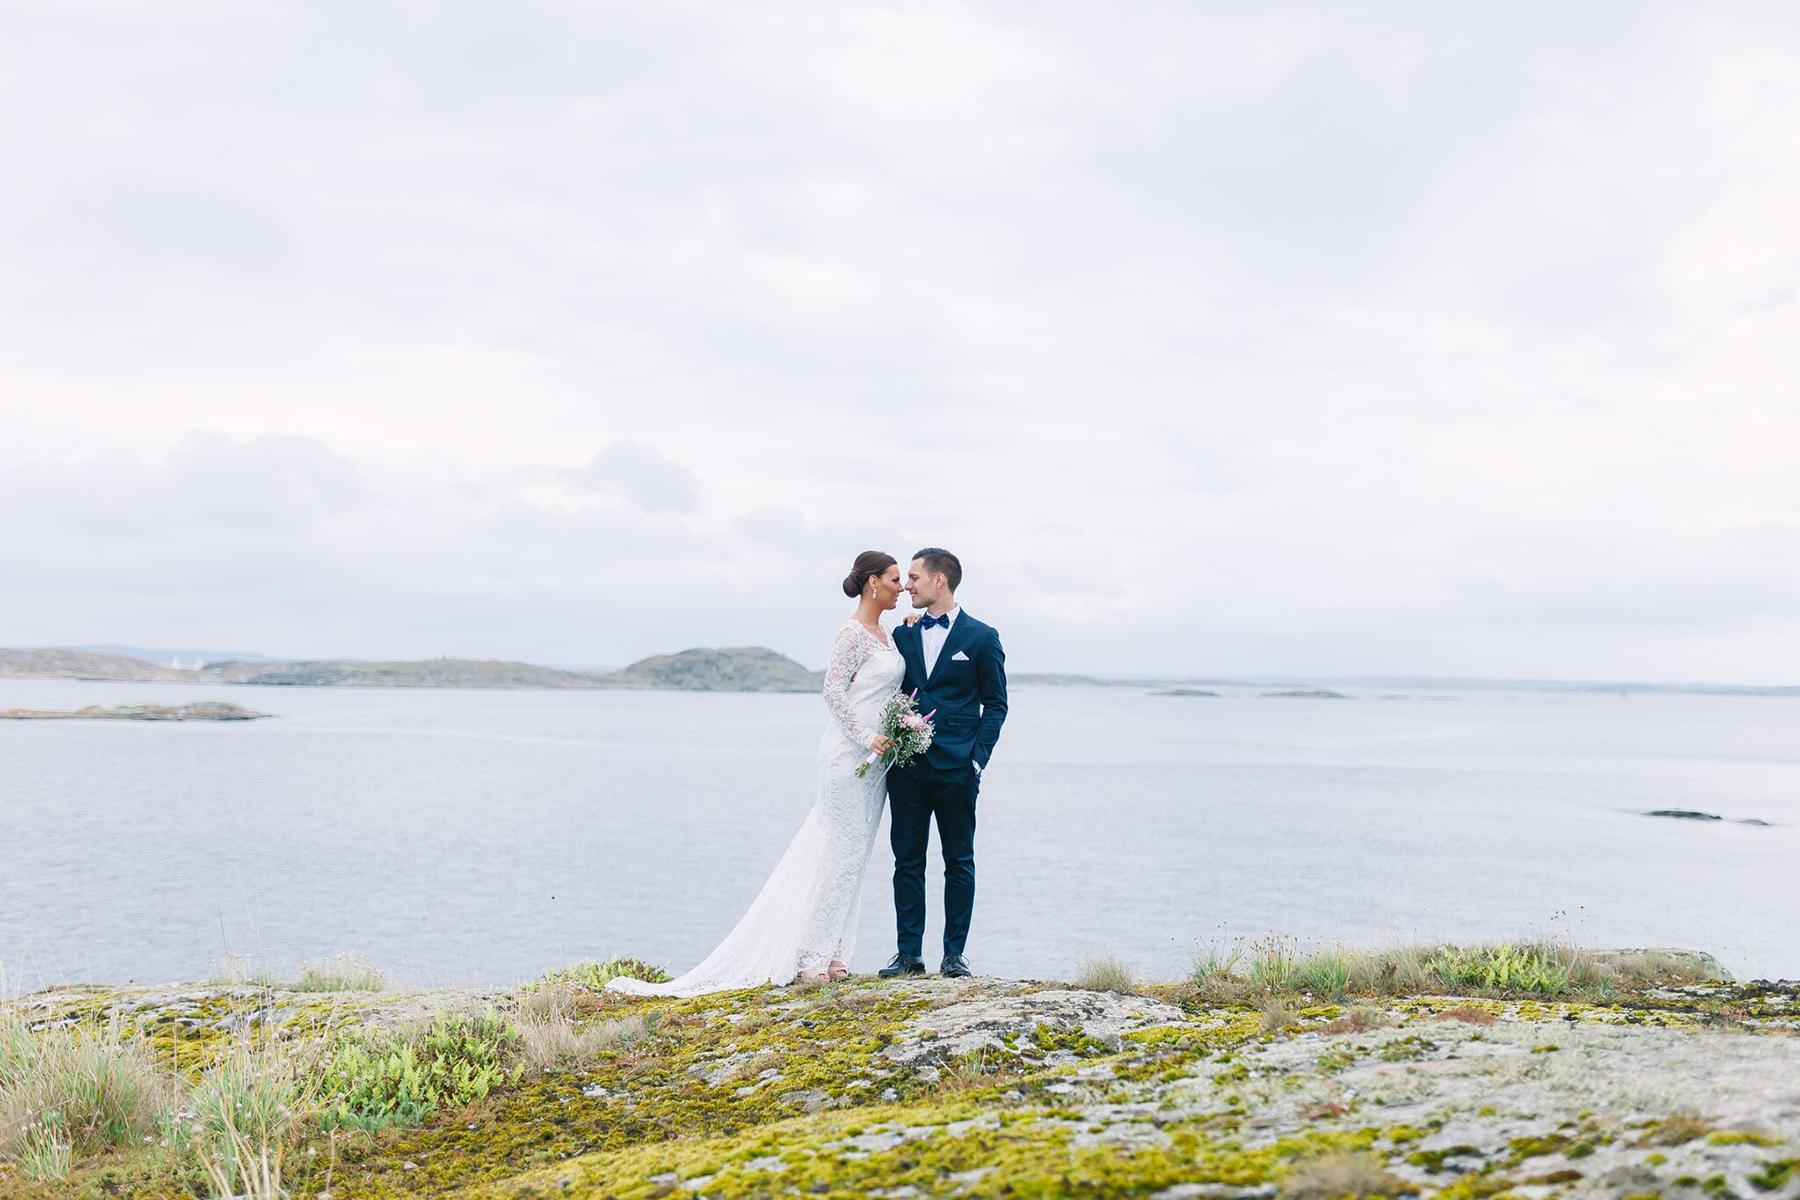 Bröllopsfotograf_göteborg_öcerkö_hönö_västsverige_västkusten_premina_photography_fotograf_emma_ludvigsson_skärgårdsbröllop